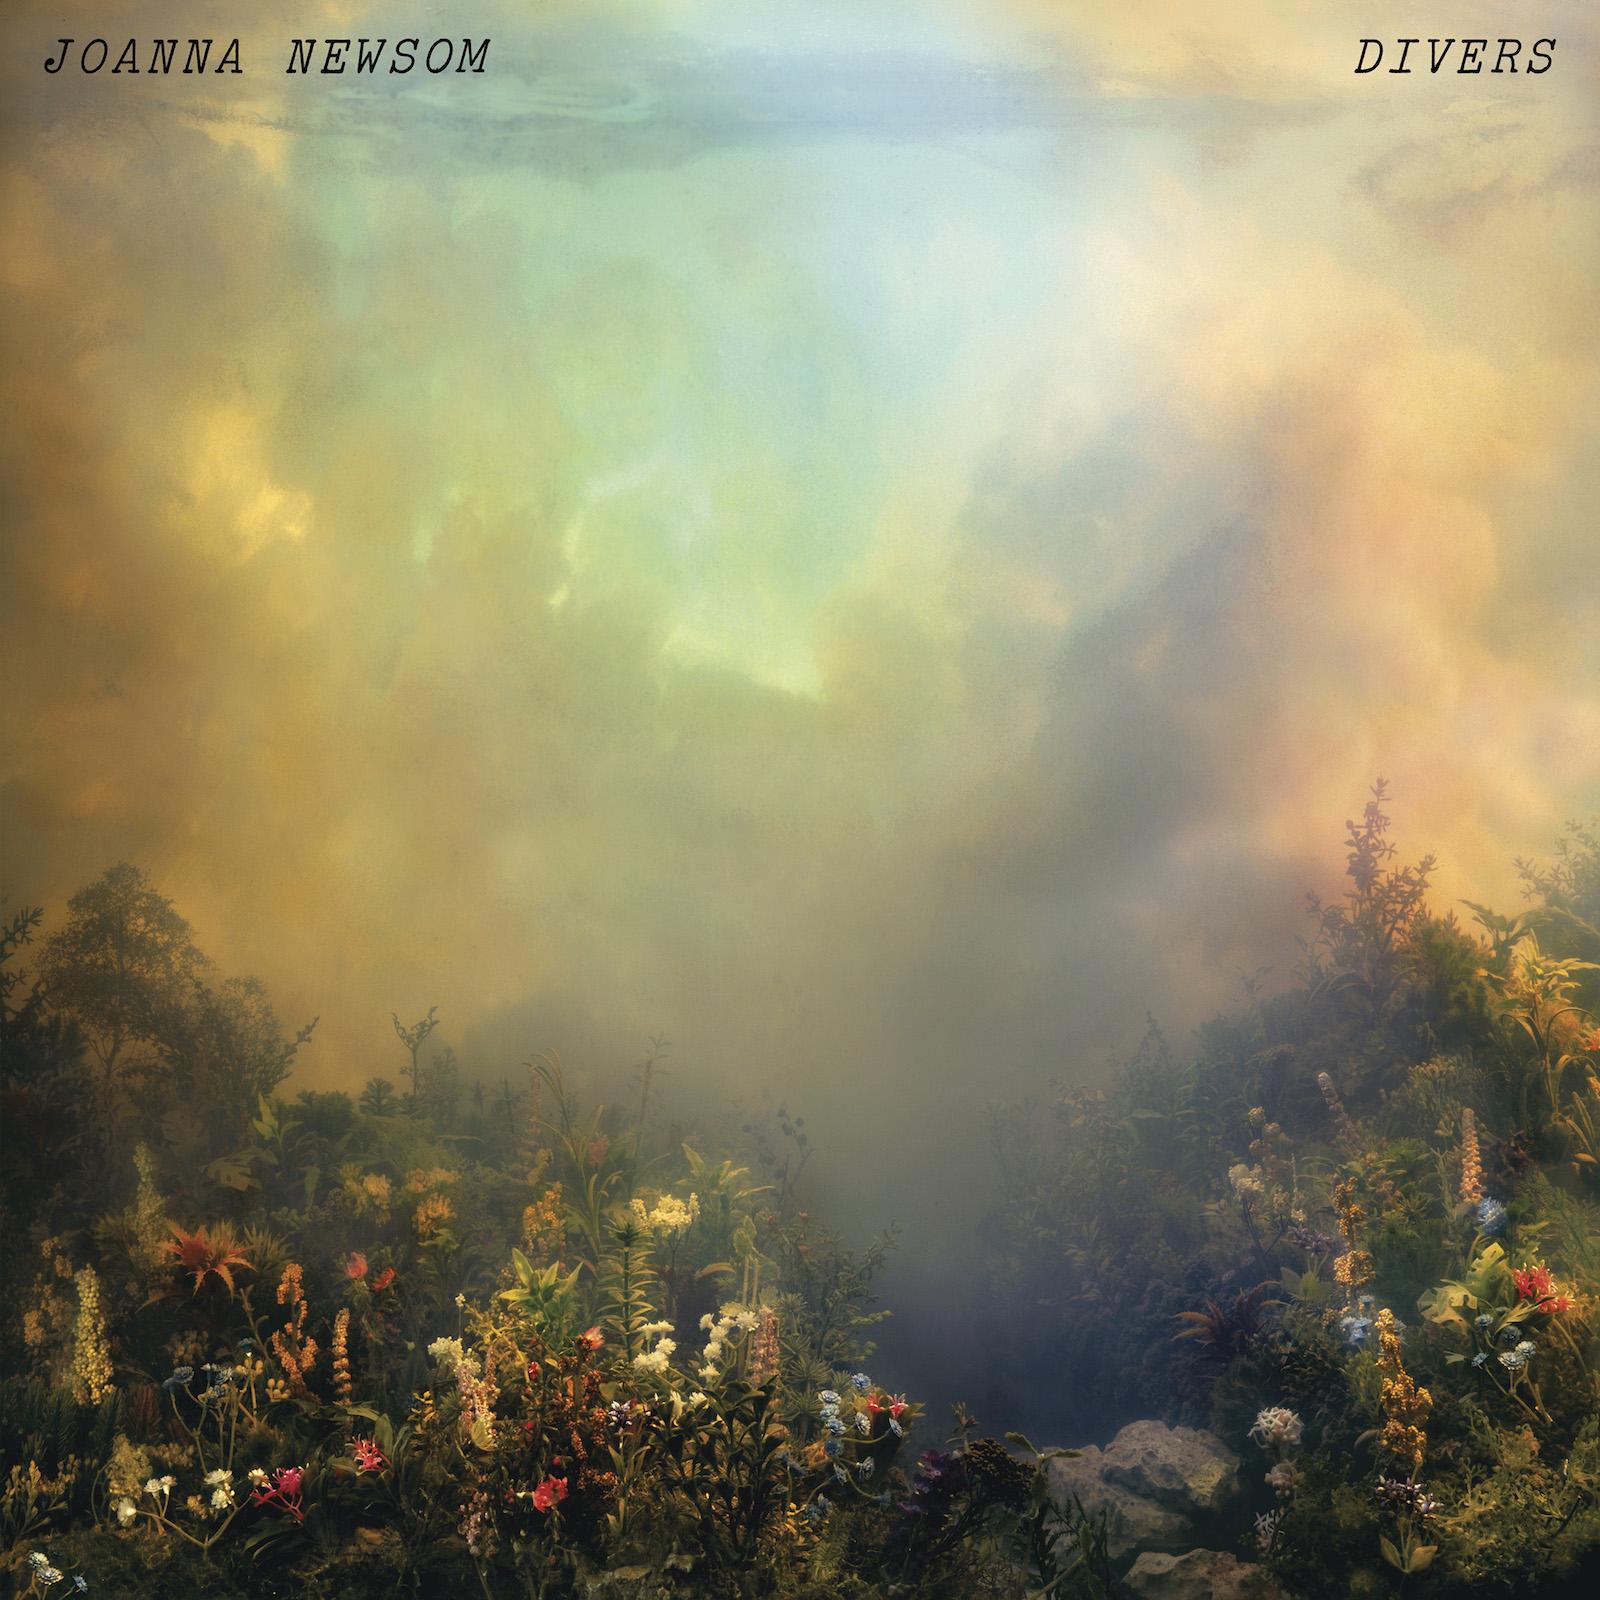 Divers's album art